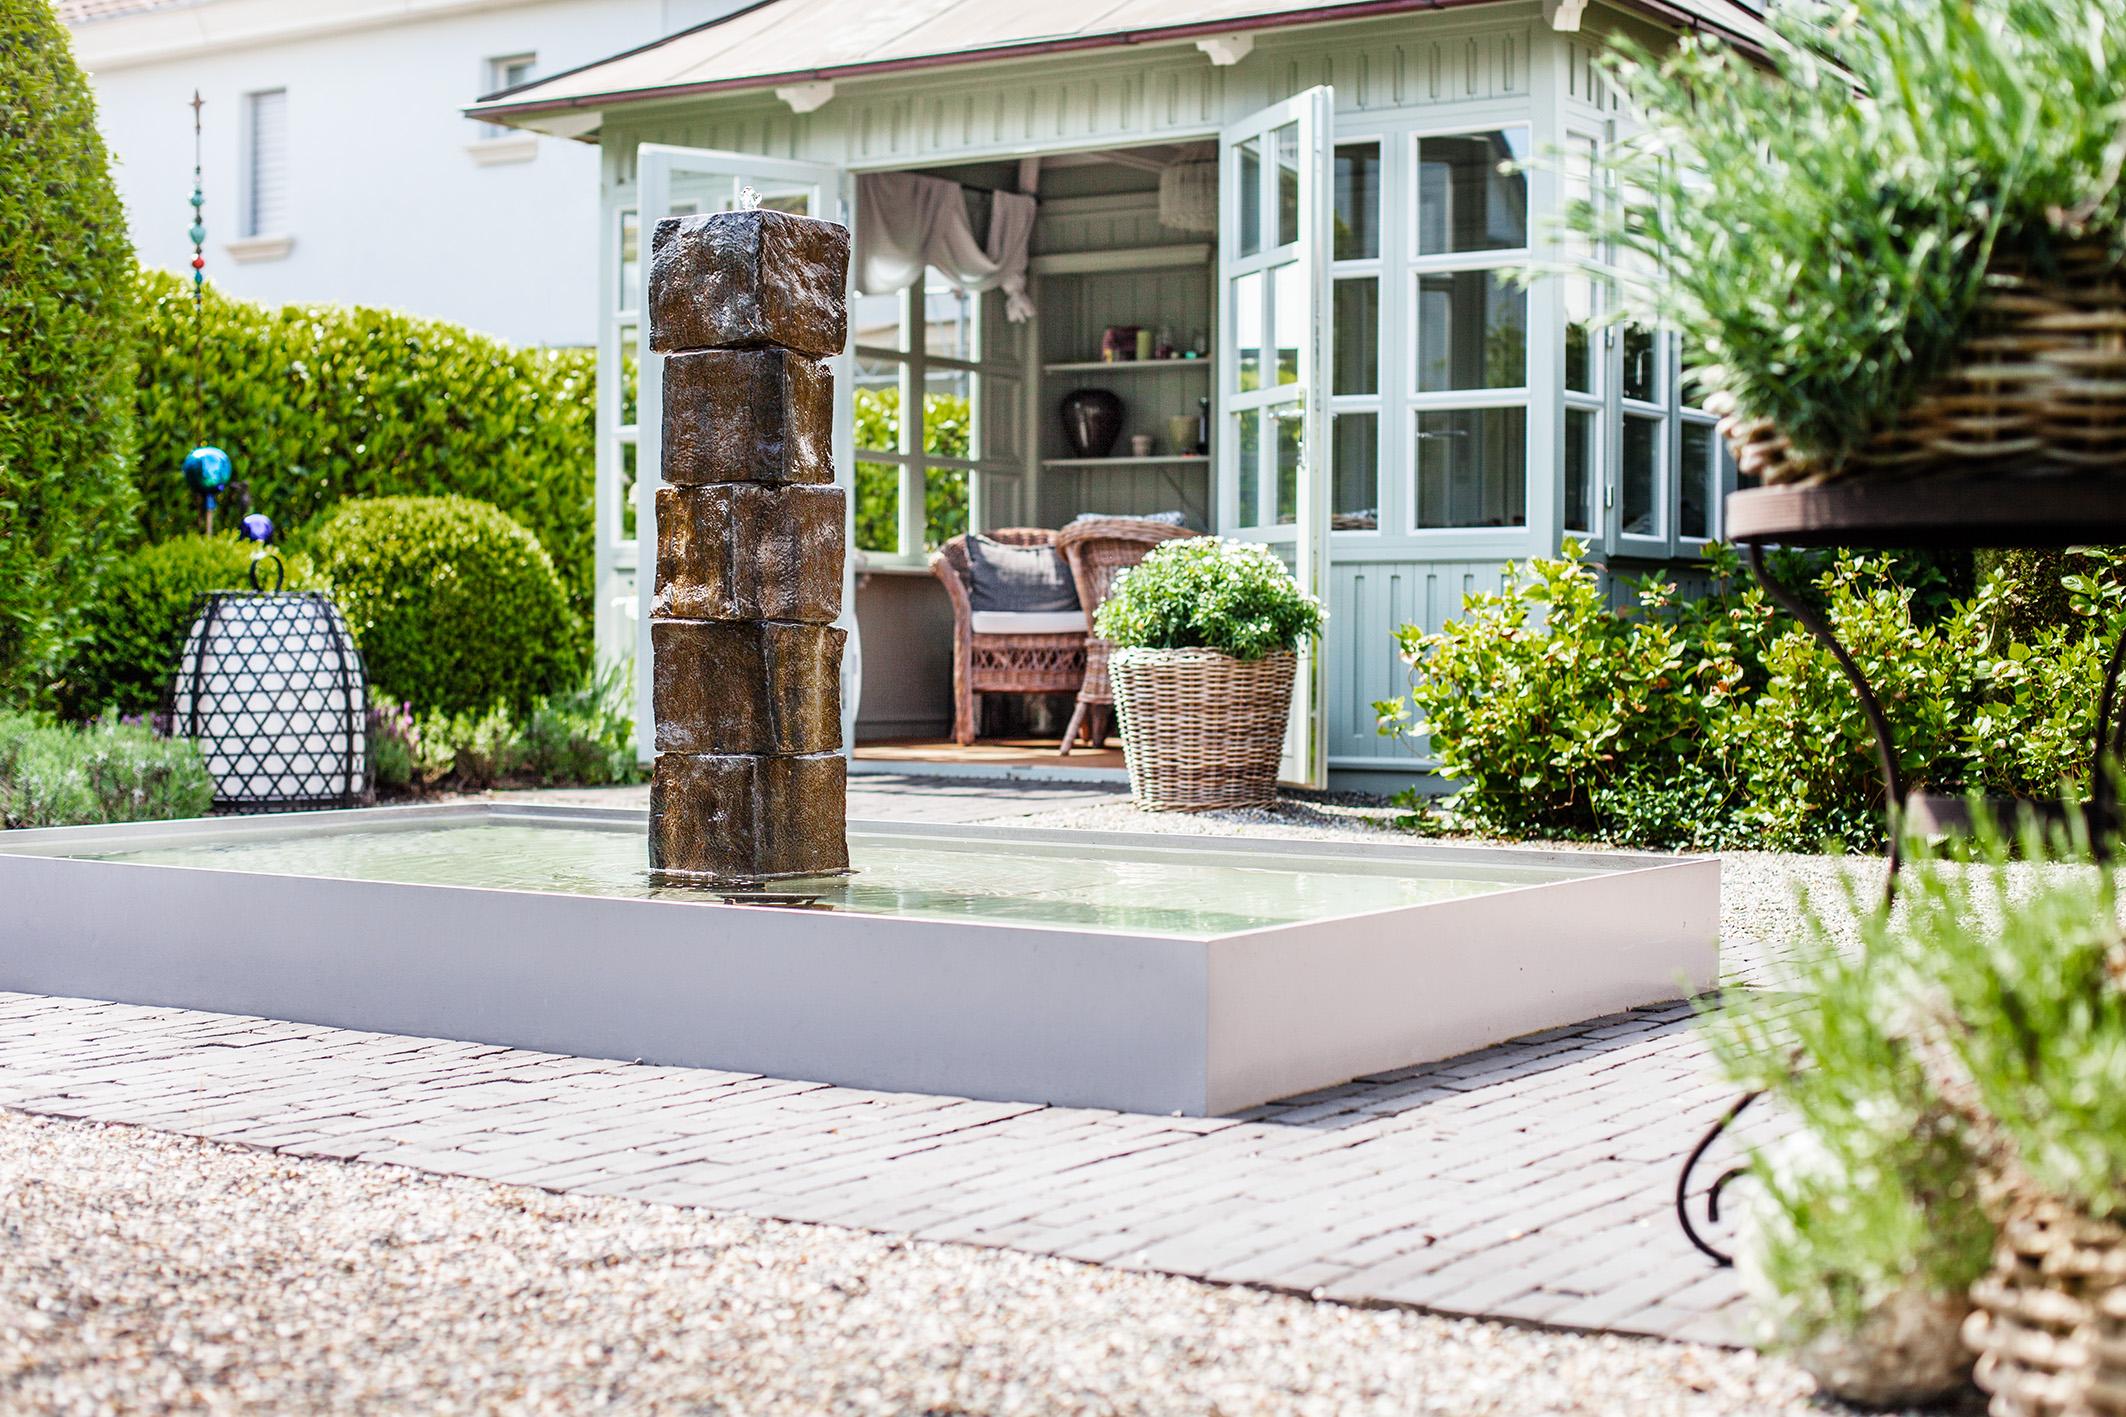 pools und brunnen f r kleine g rten und terrassen blog. Black Bedroom Furniture Sets. Home Design Ideas